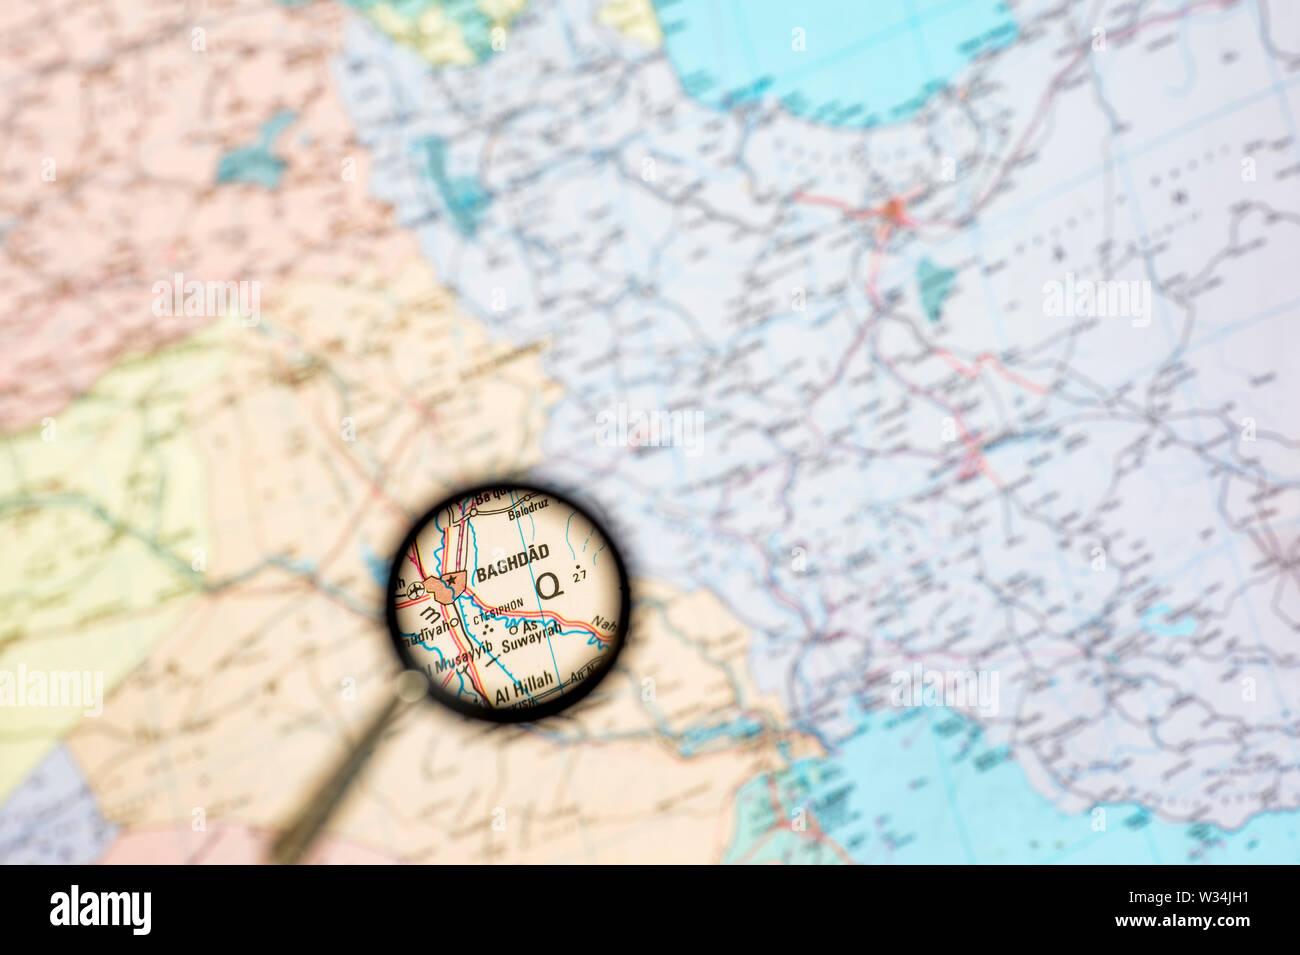 Landkarte mit der Erhöhung der irakischen Hauptstadt Bagdad. Das Konzept der Bildschirmschoner Übersicht Stockbild